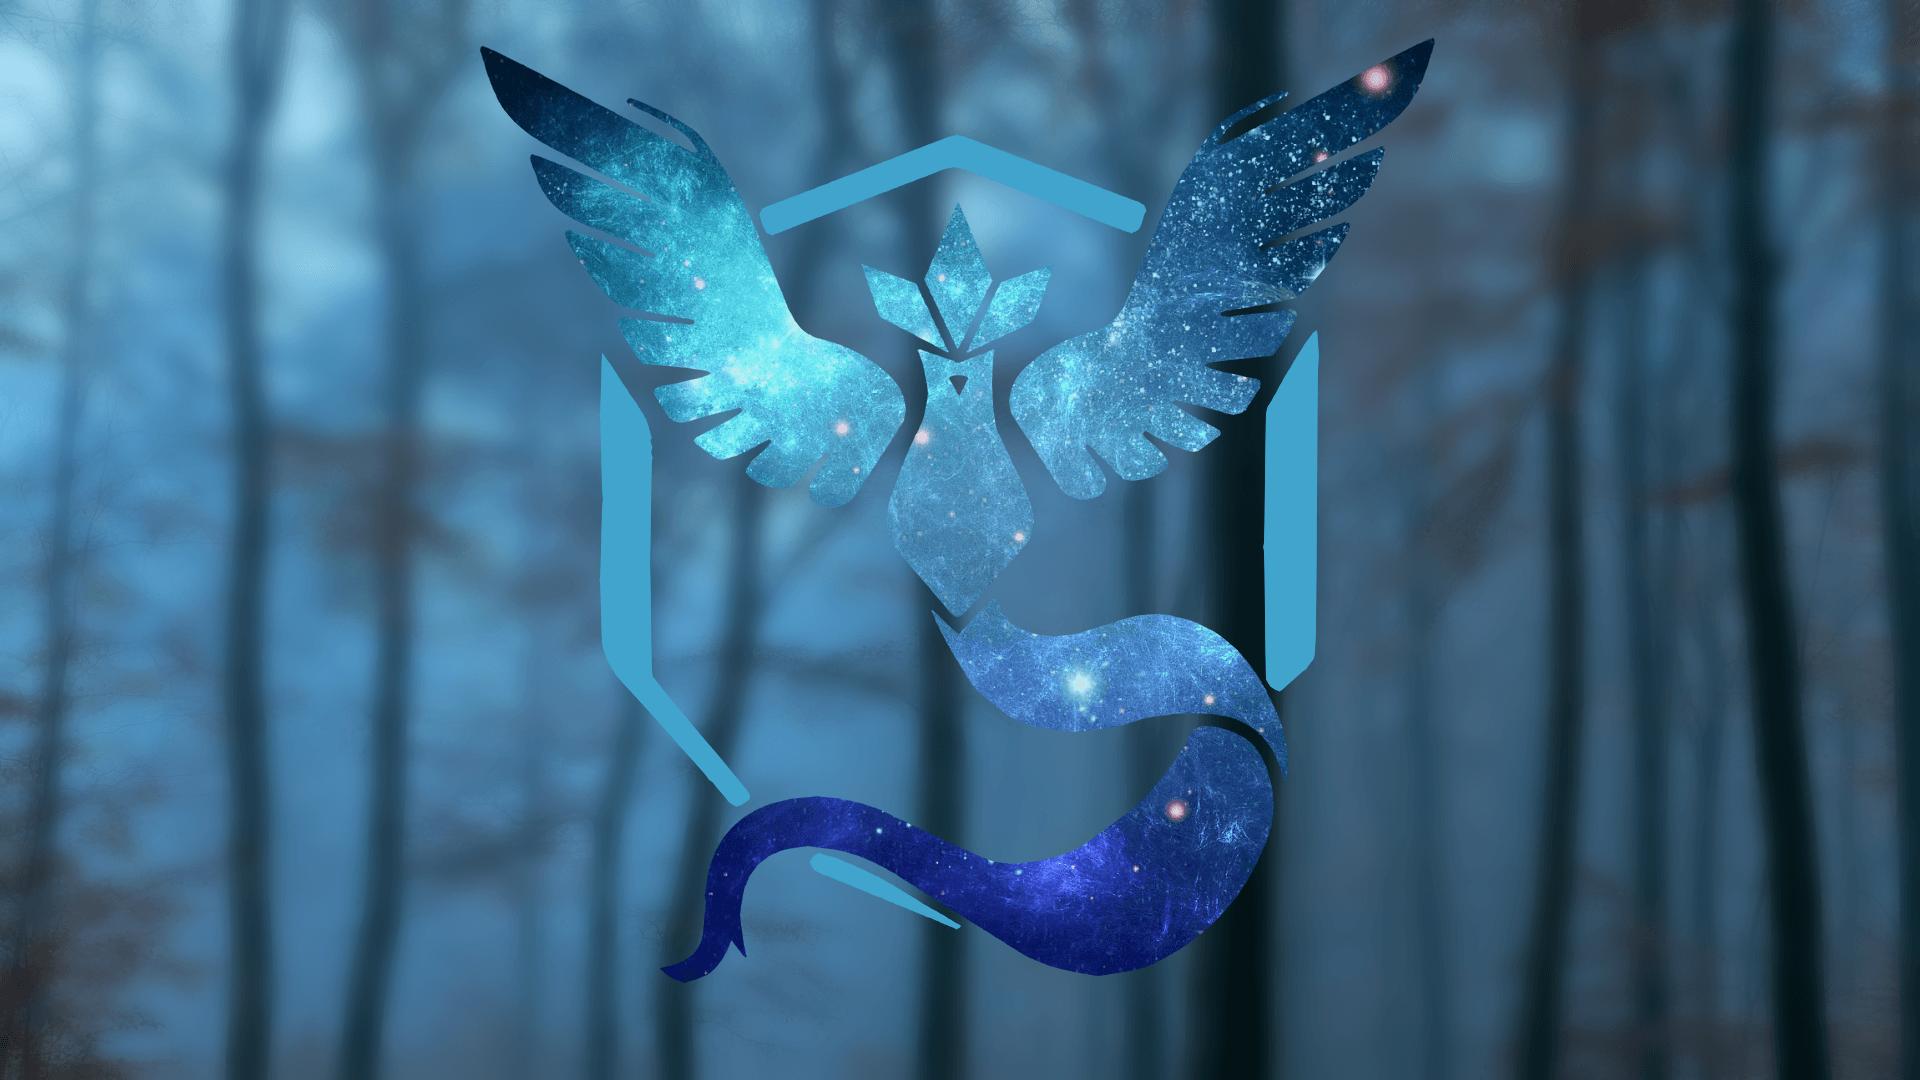 mystic hd desktop wallpaper - photo #14